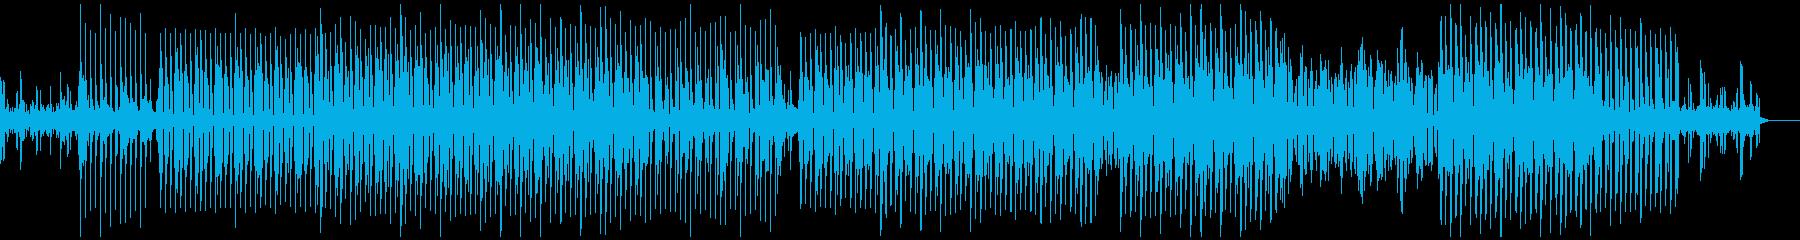 クールな印象の四つ打ちテクノの再生済みの波形